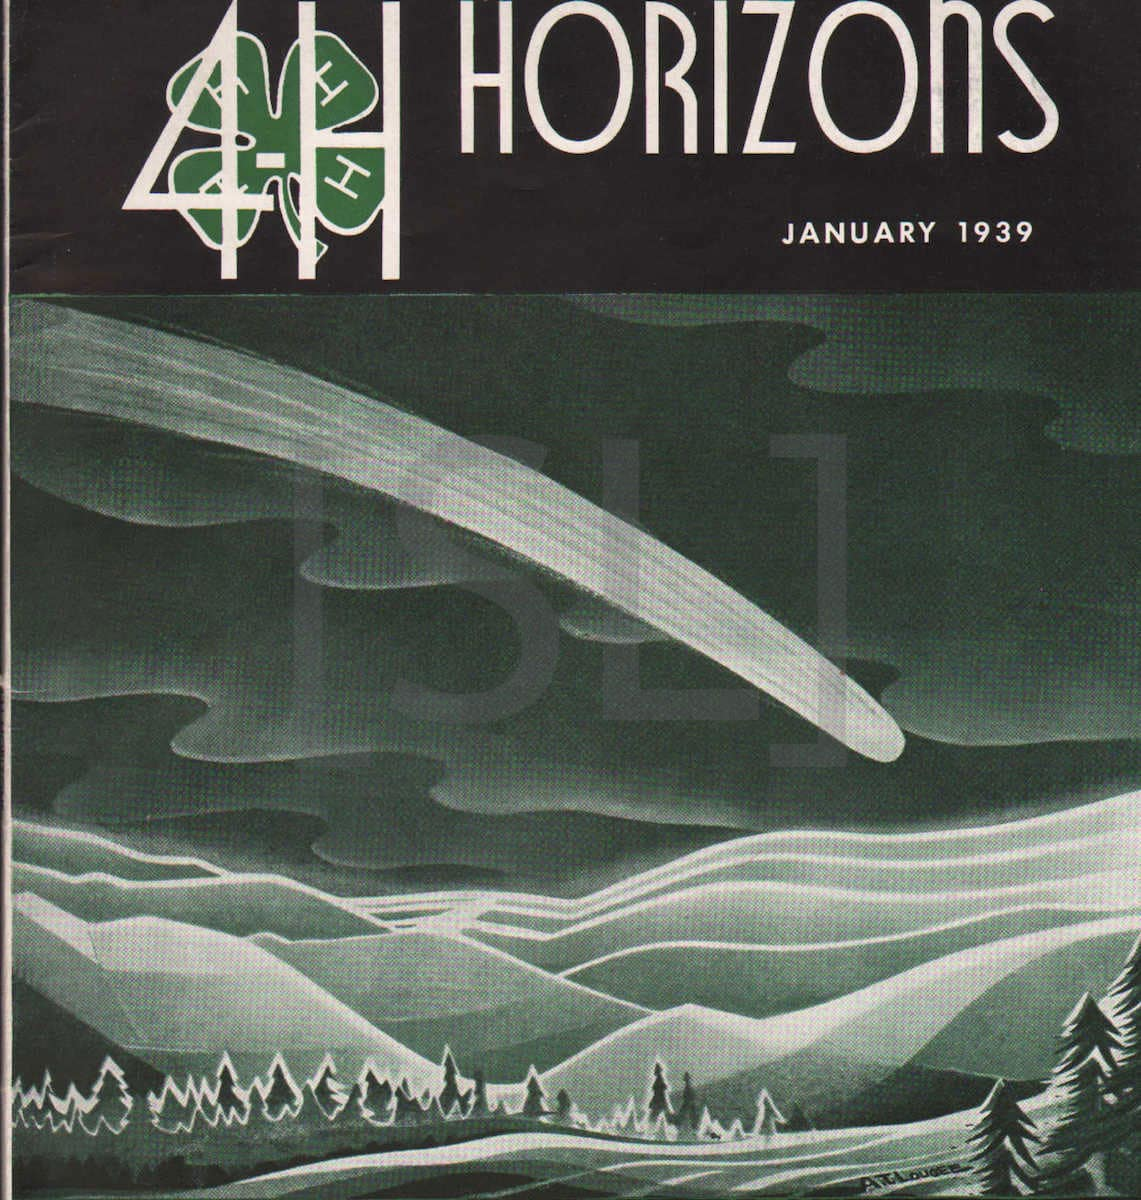 4-H Horizons